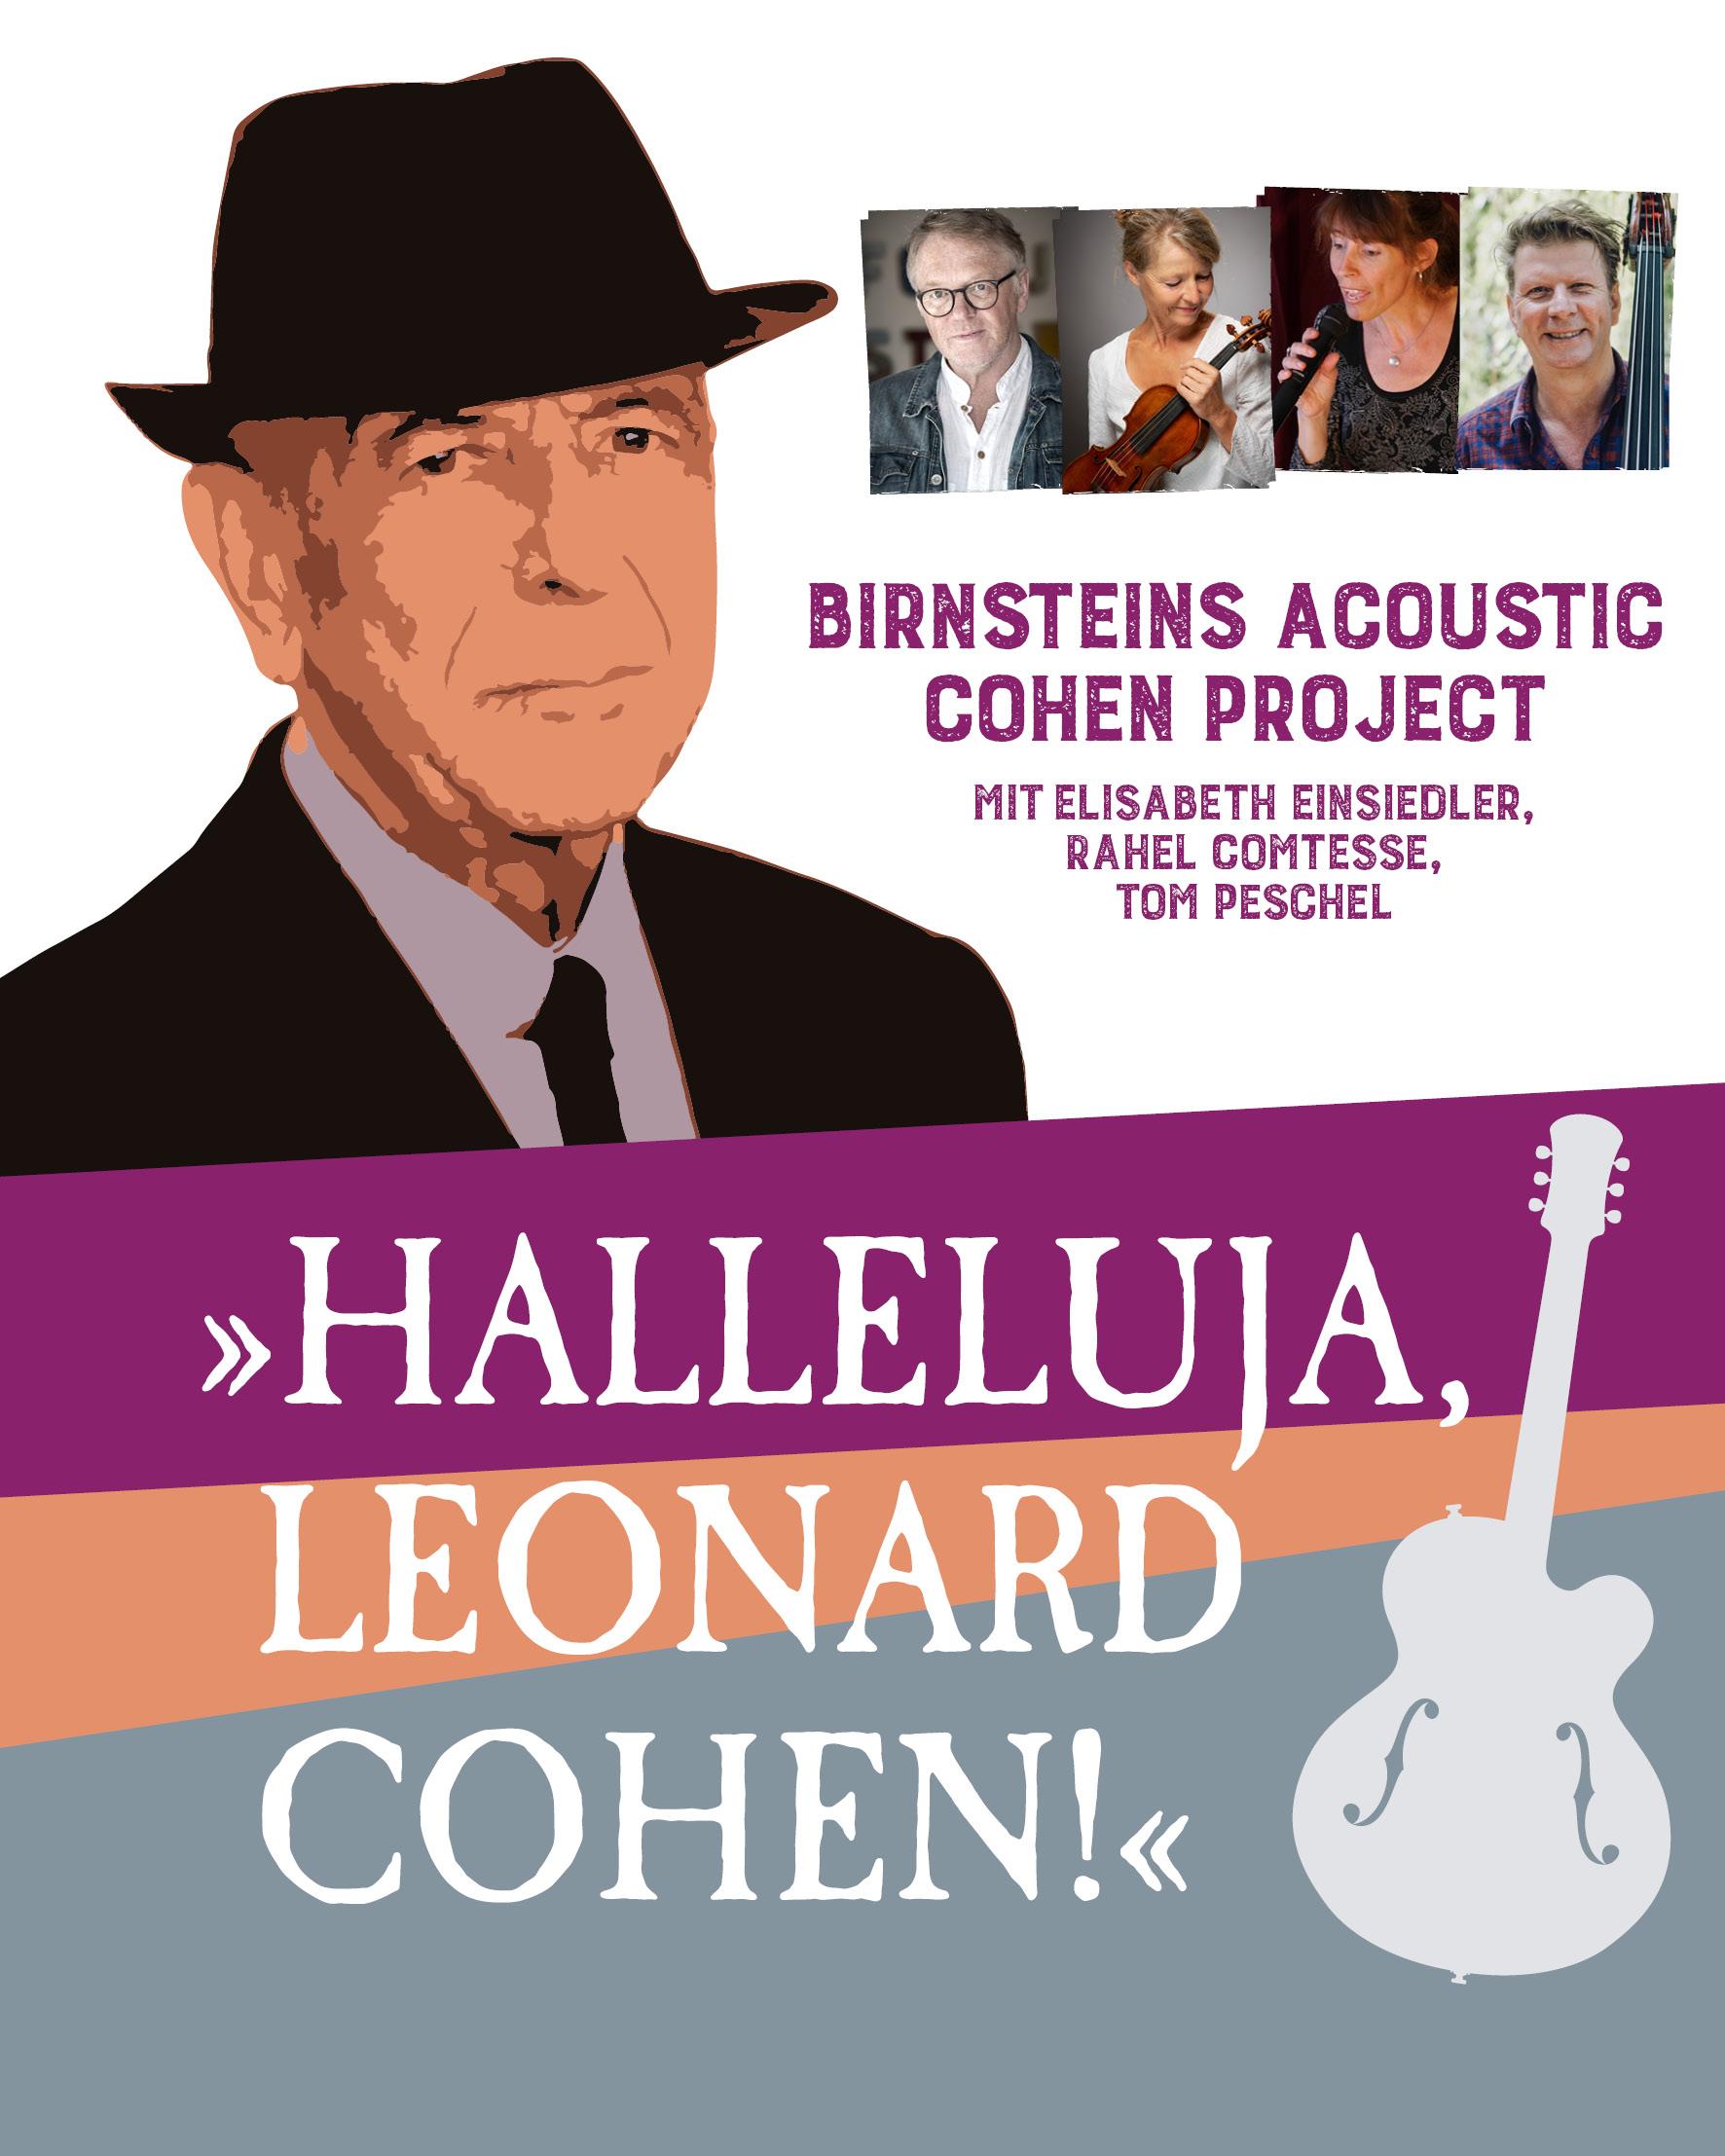 Uwe Birnsteins Acoustic Cohen Project